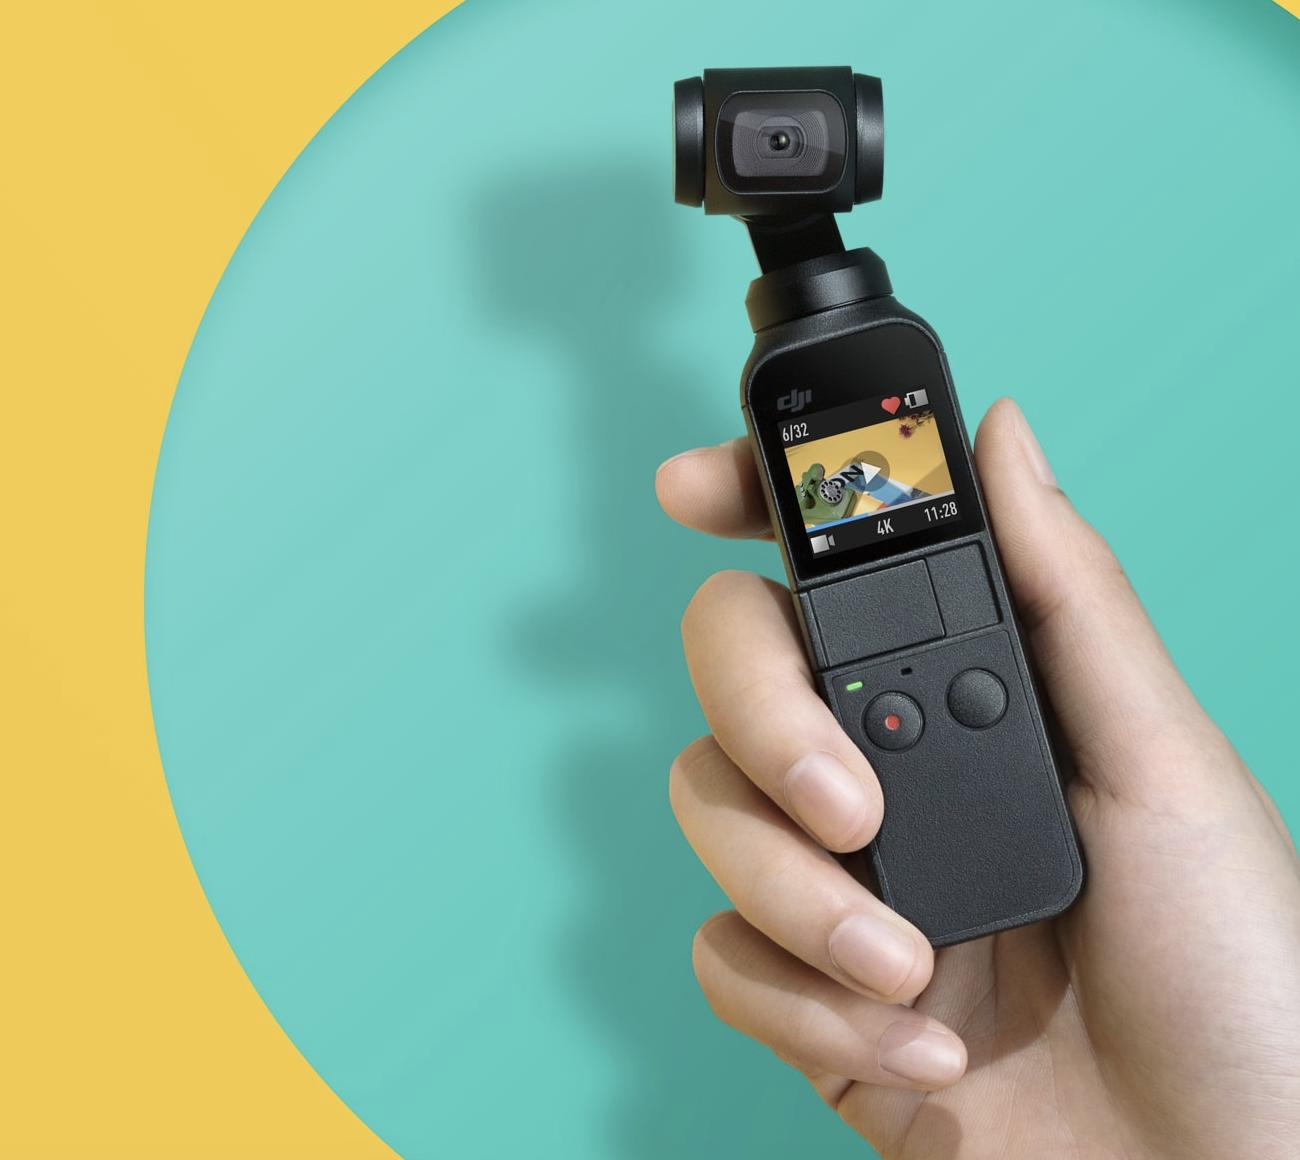 ジンバルとカメラの融合 Osmo Pocket 【これからの動画革命時代を後押し】